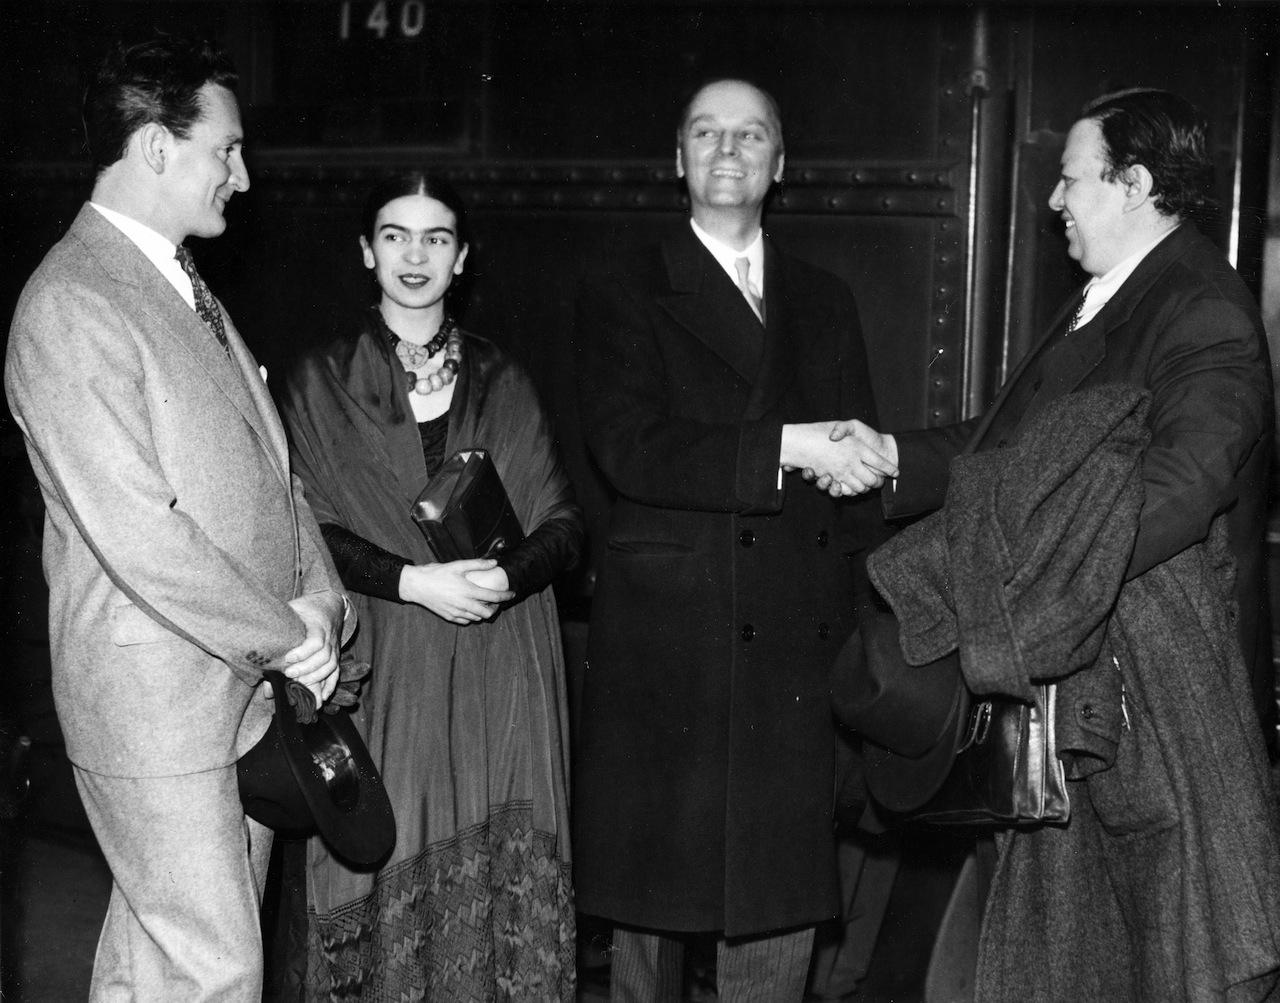 Clifford Wight, Frida Kahlo, Wilhelm Valentiner, and Diego Rivera, Detroit, ca. 1932